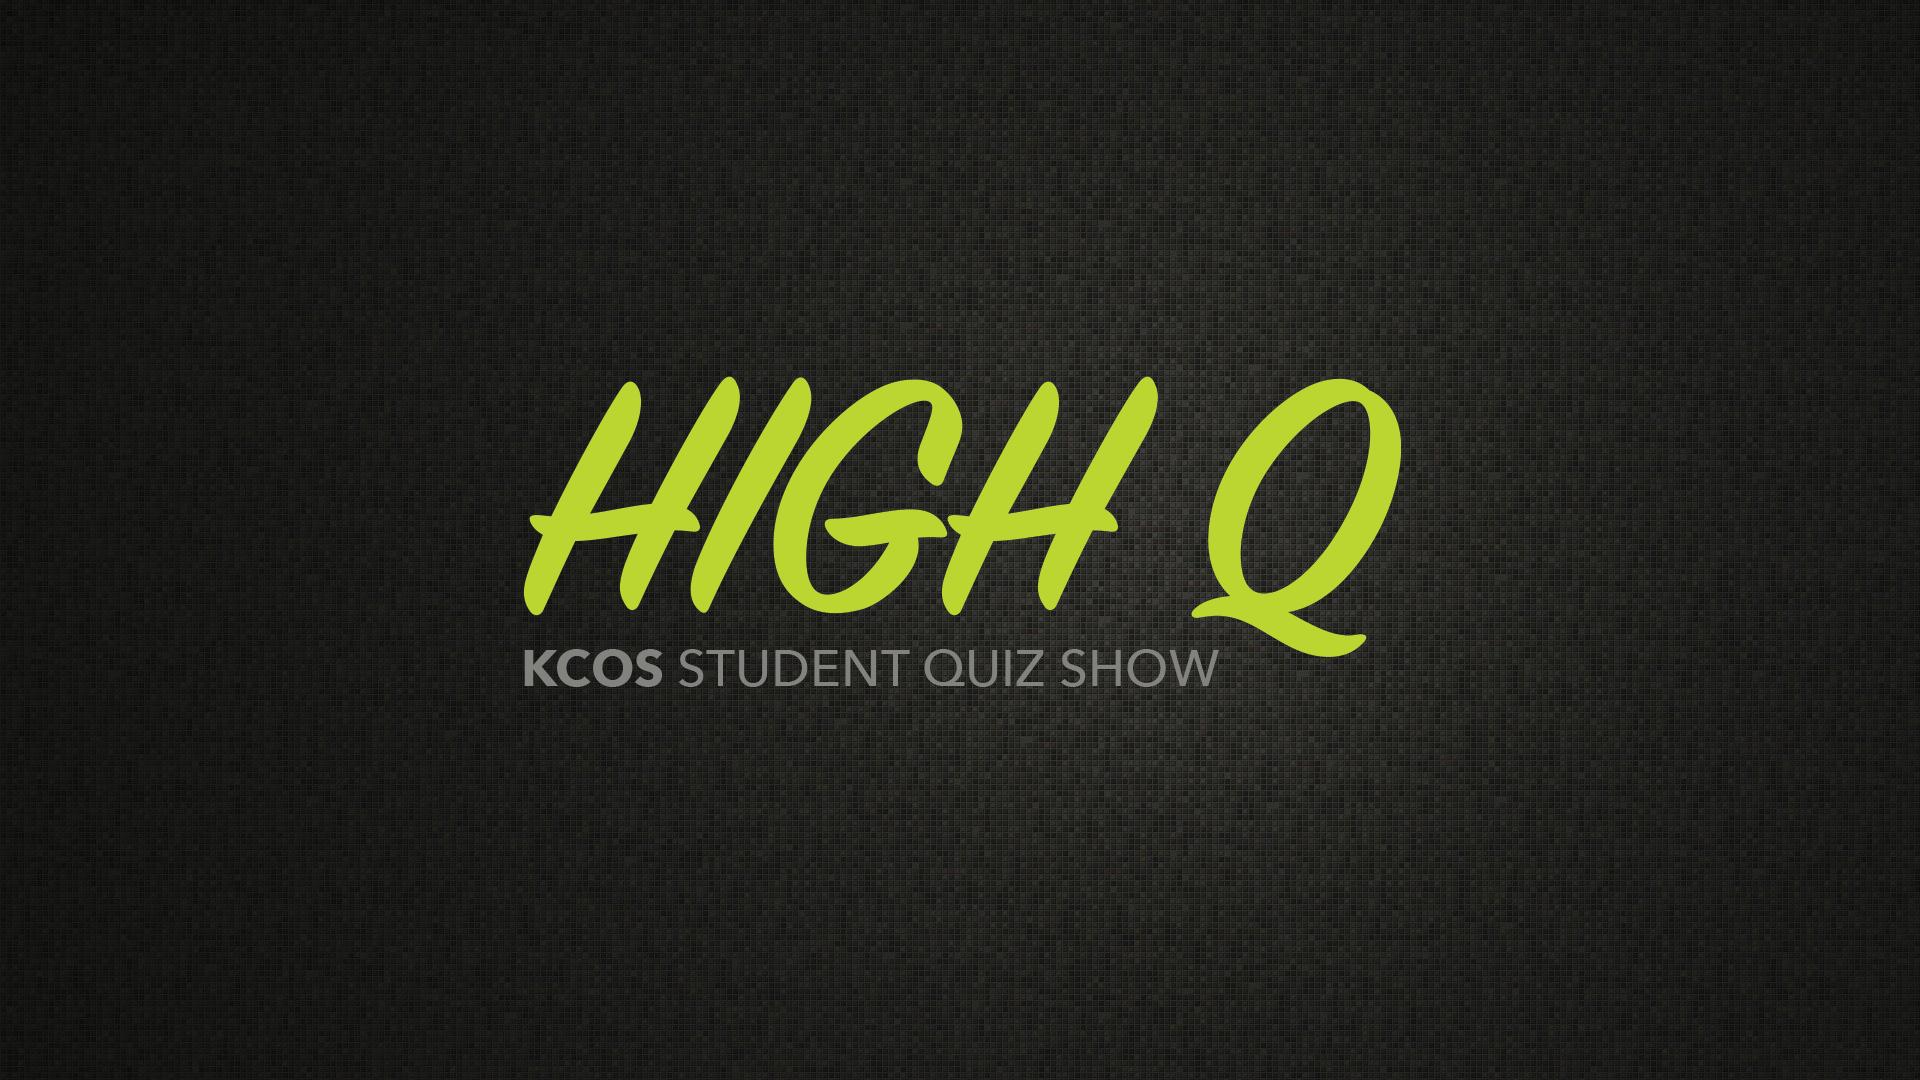 highq2.png